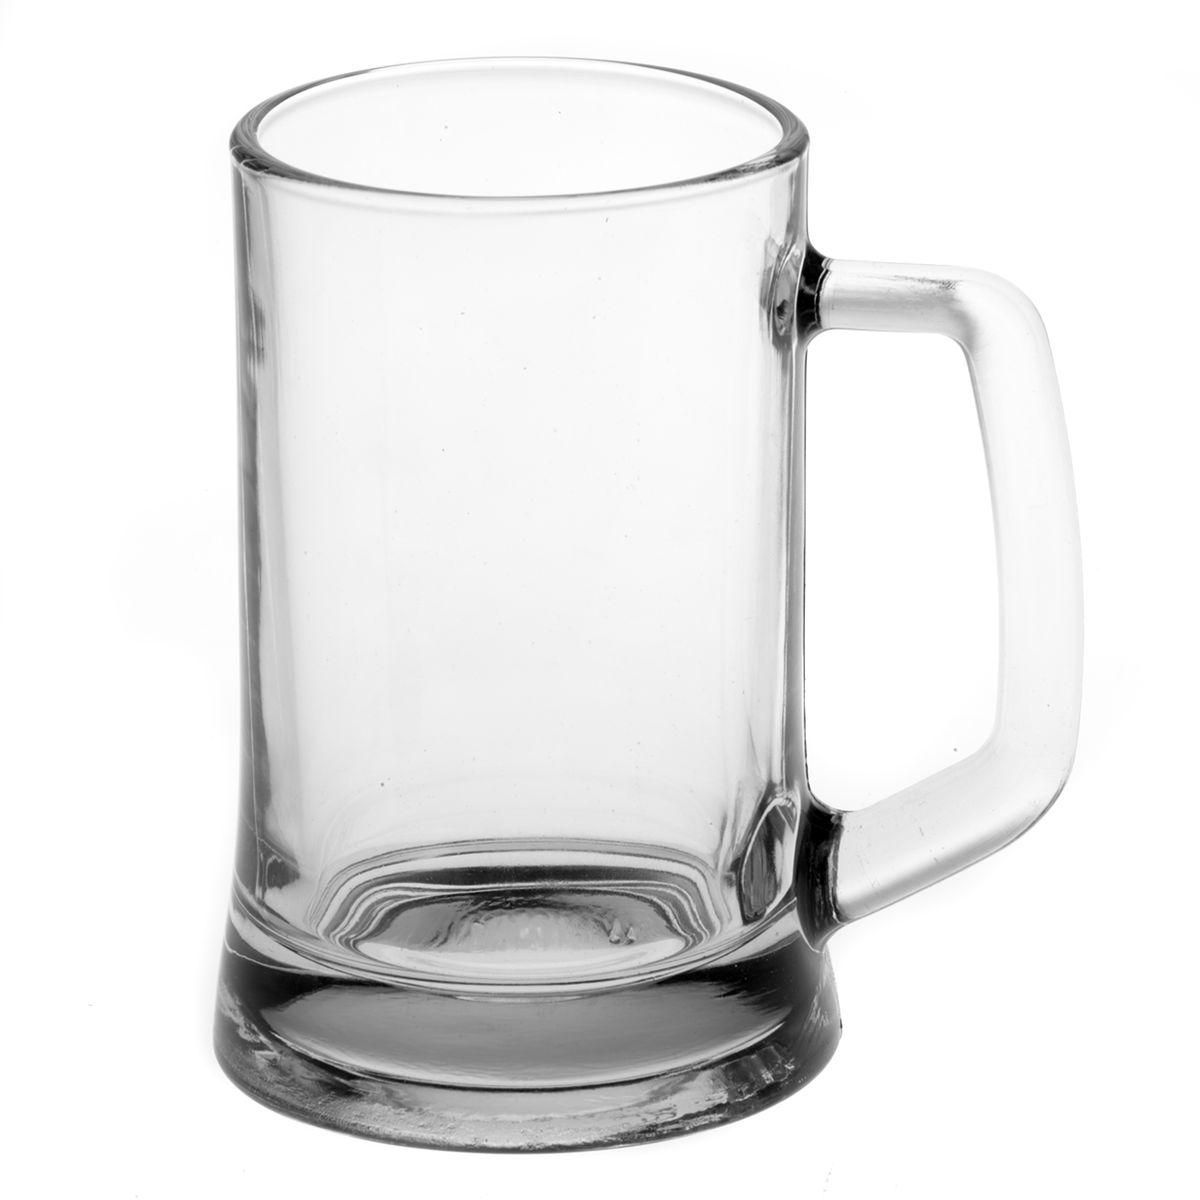 Набор кружек для пива Pasabahce Pub, 300 мл, 2 штVT-1520(SR)Набор Pasabahce Pub состоит из двух кружек, выполненных из прочного натрий-кальций-силикатного стекла. Кружки оснащены ручками и прекрасно подходят для подачи пива. Функциональность, практичность и стильный дизайн сделают набор прекрасным дополнением к вашей коллекции посуды. Можно мыть в посудомоечной машине и использовать в микроволновой печи. Диаметр кружки (по верхнему краю): 7 см.Высота кружки: 13 см.